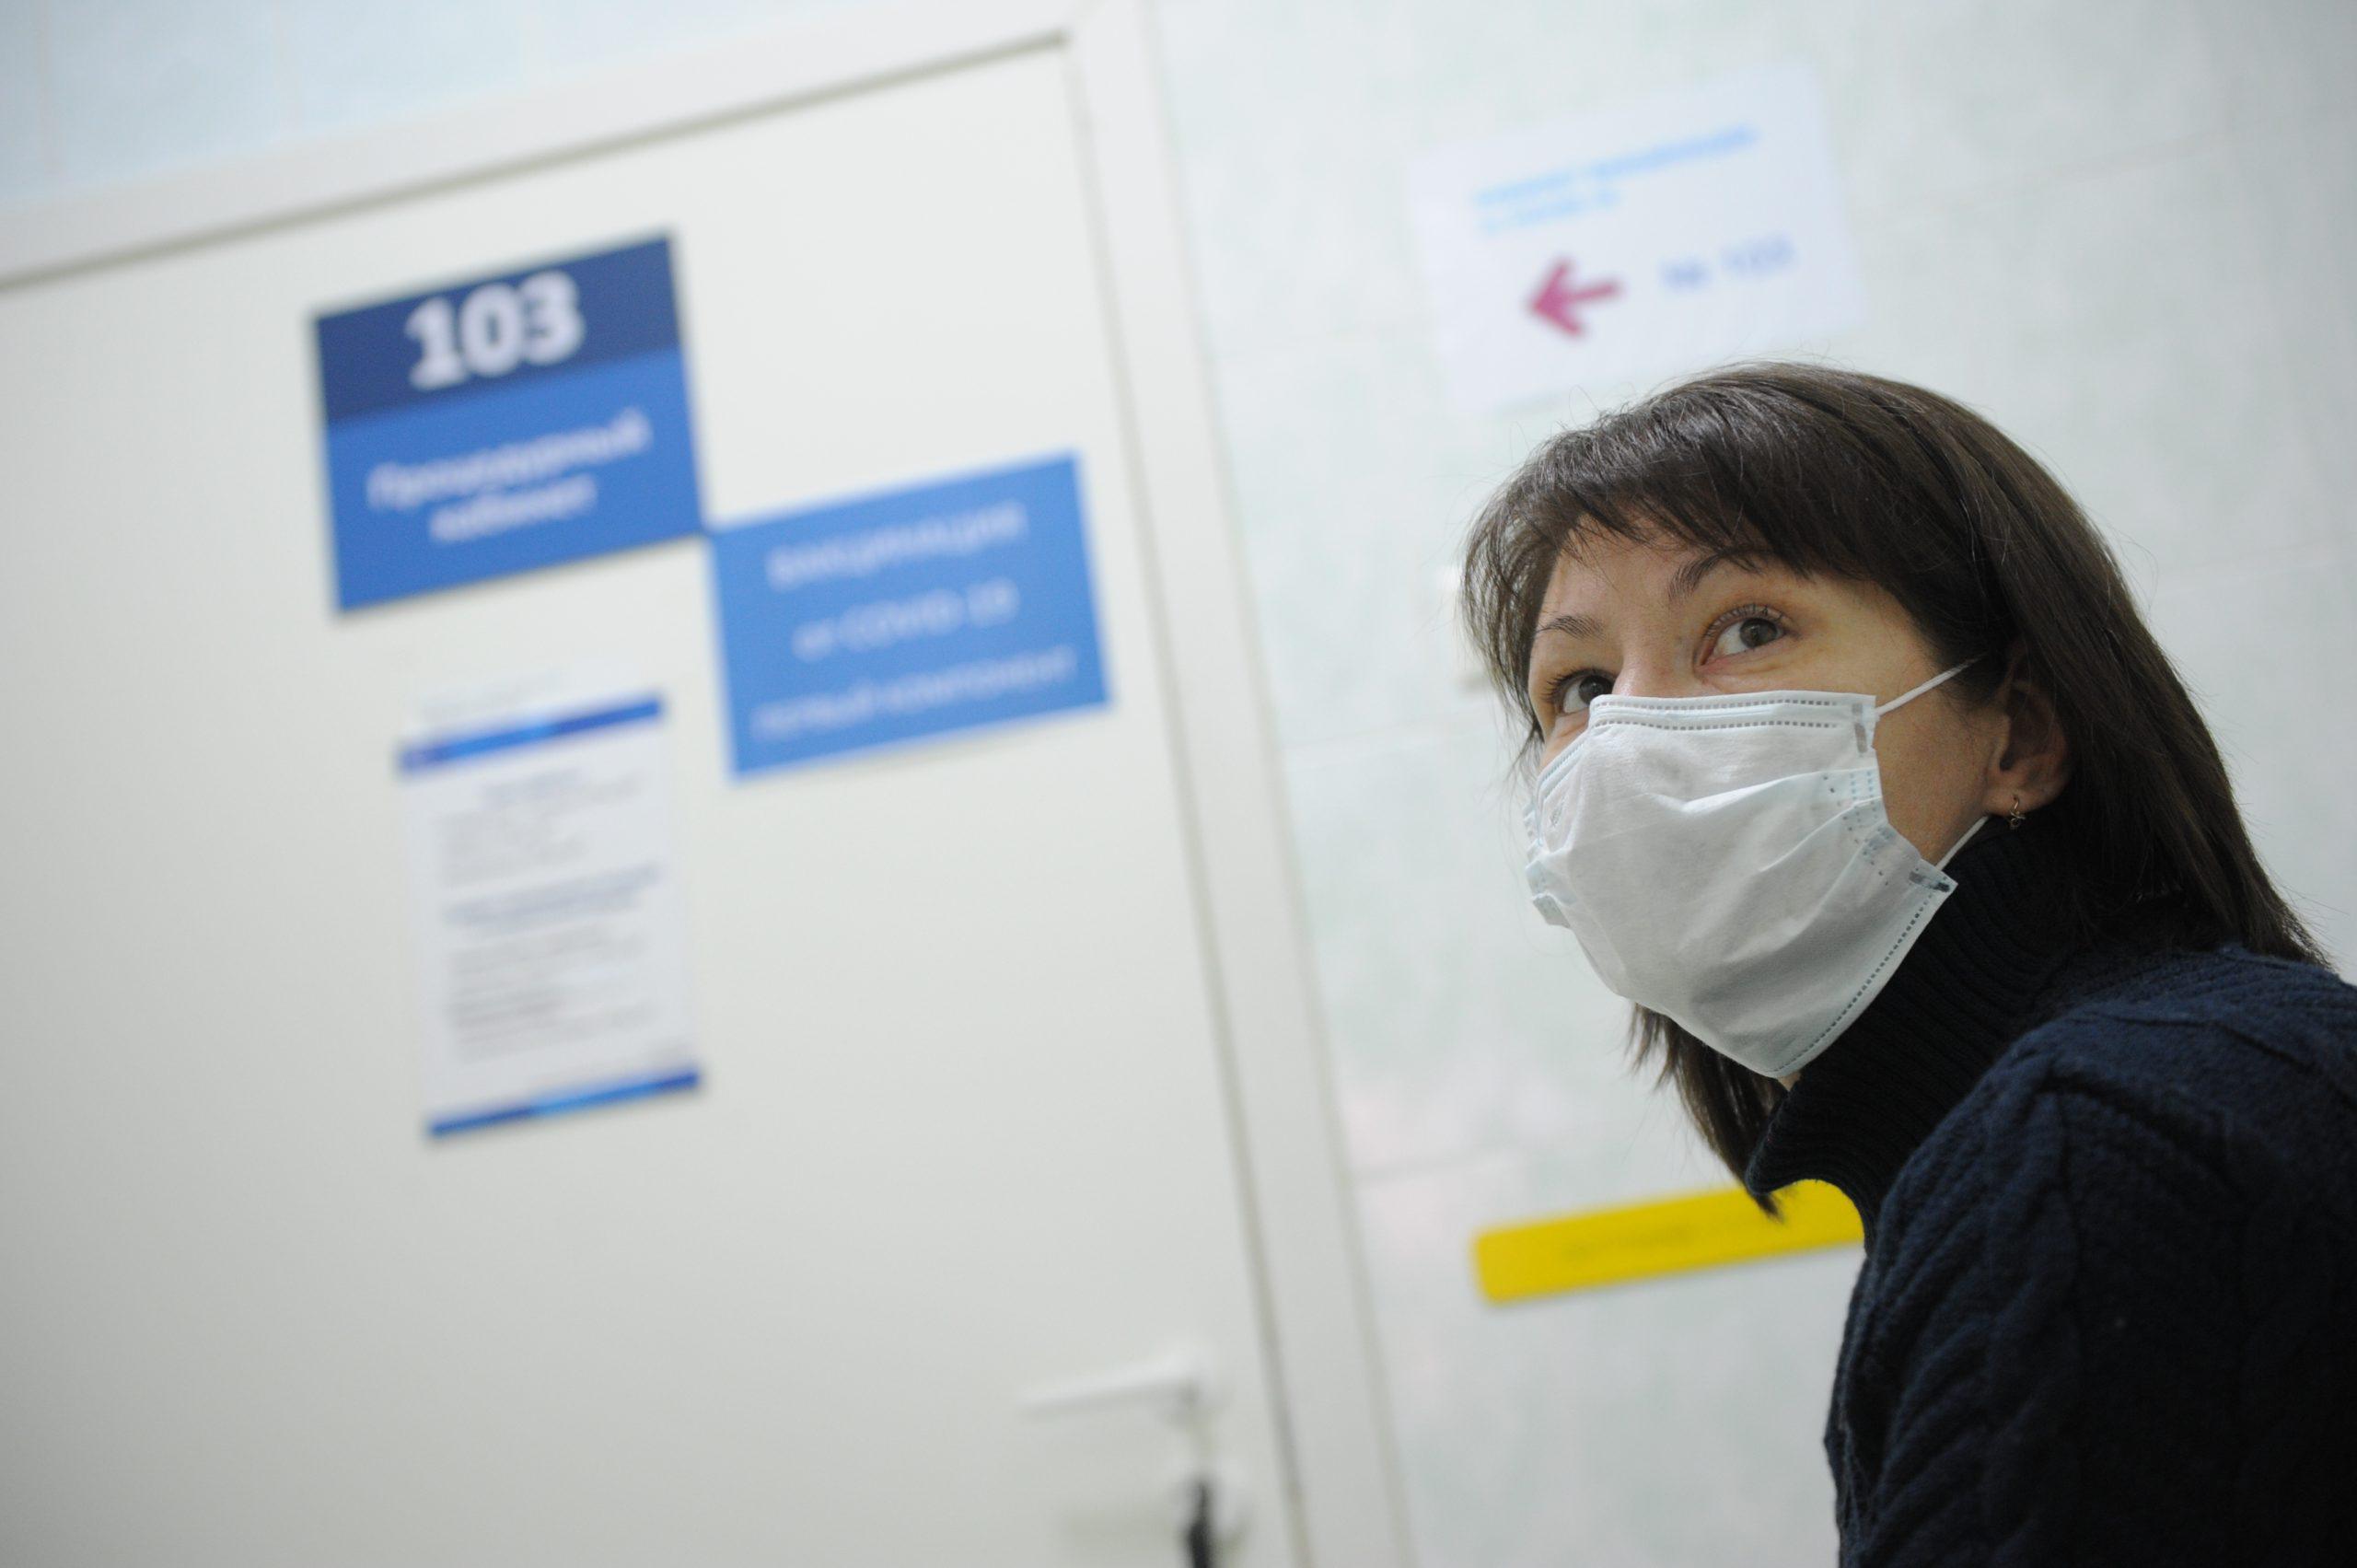 Борьба с пандемией продолжается. Фото: Игорь Генералов, «Вечерняя Москва»